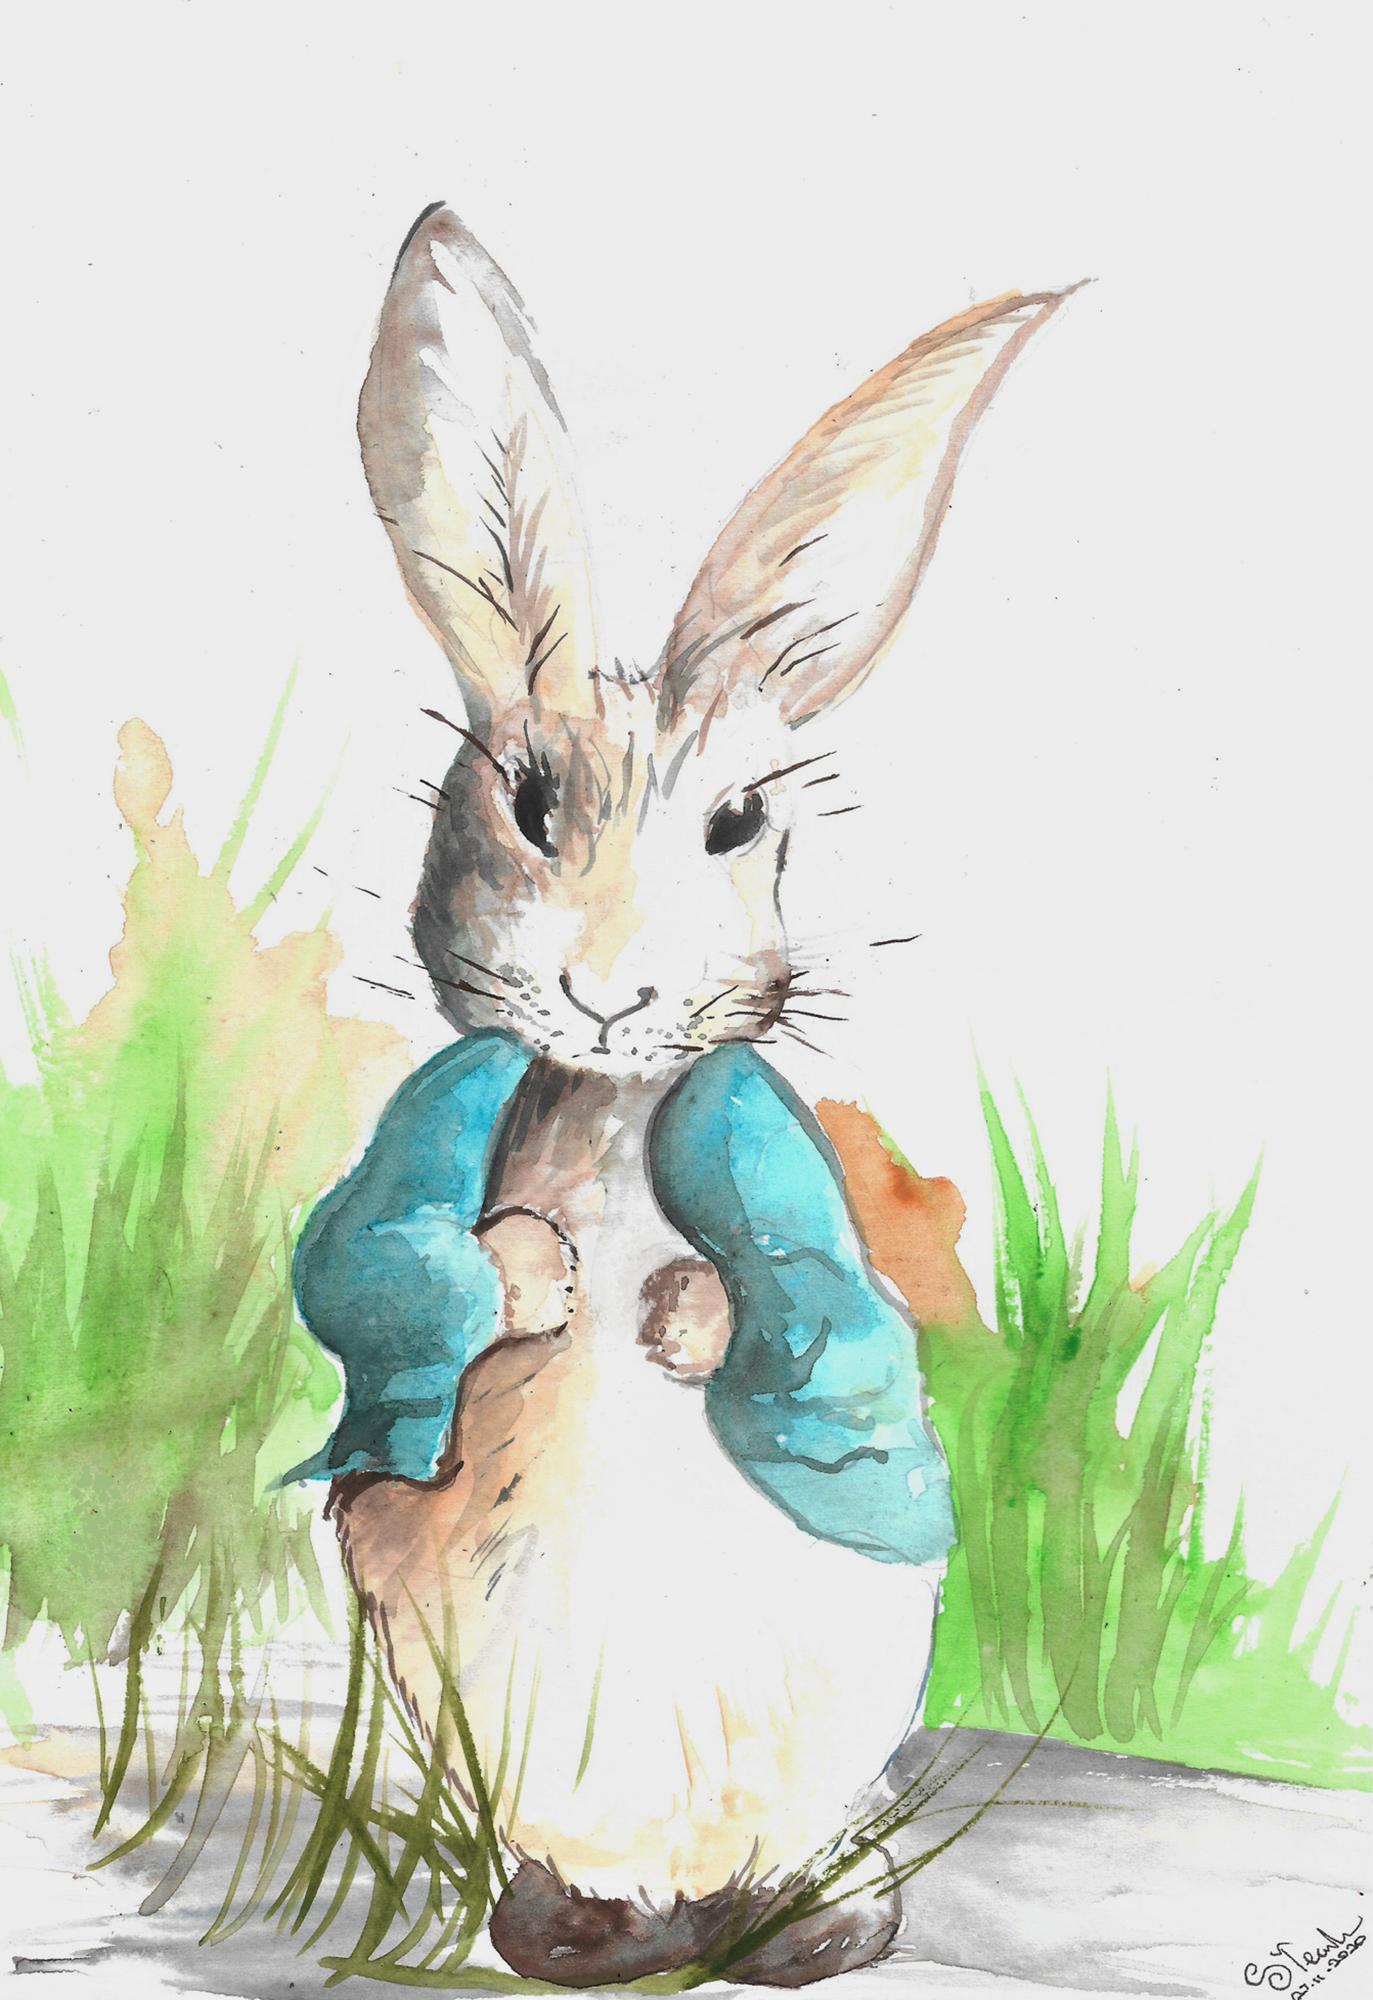 Peter rabbit 27/11/2020